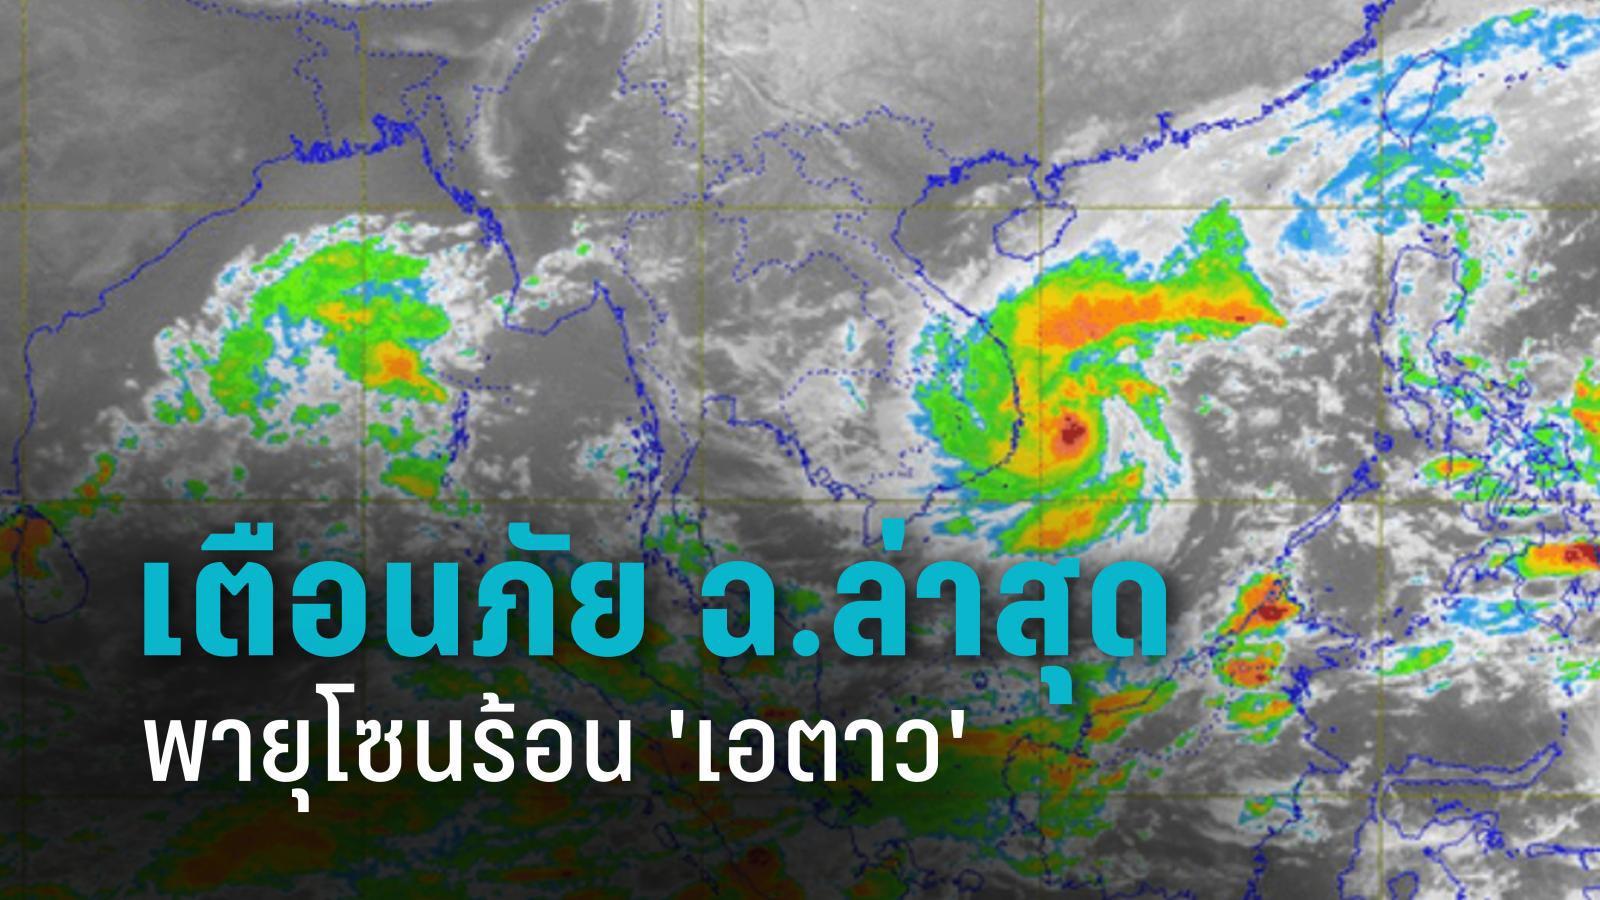 อุตุฯประกาศเตือนภัยล่าสุด พายุโซนร้อน 'เอตาว' ขึ้นฝั่ง 10 พ.ย.กระทบไทย